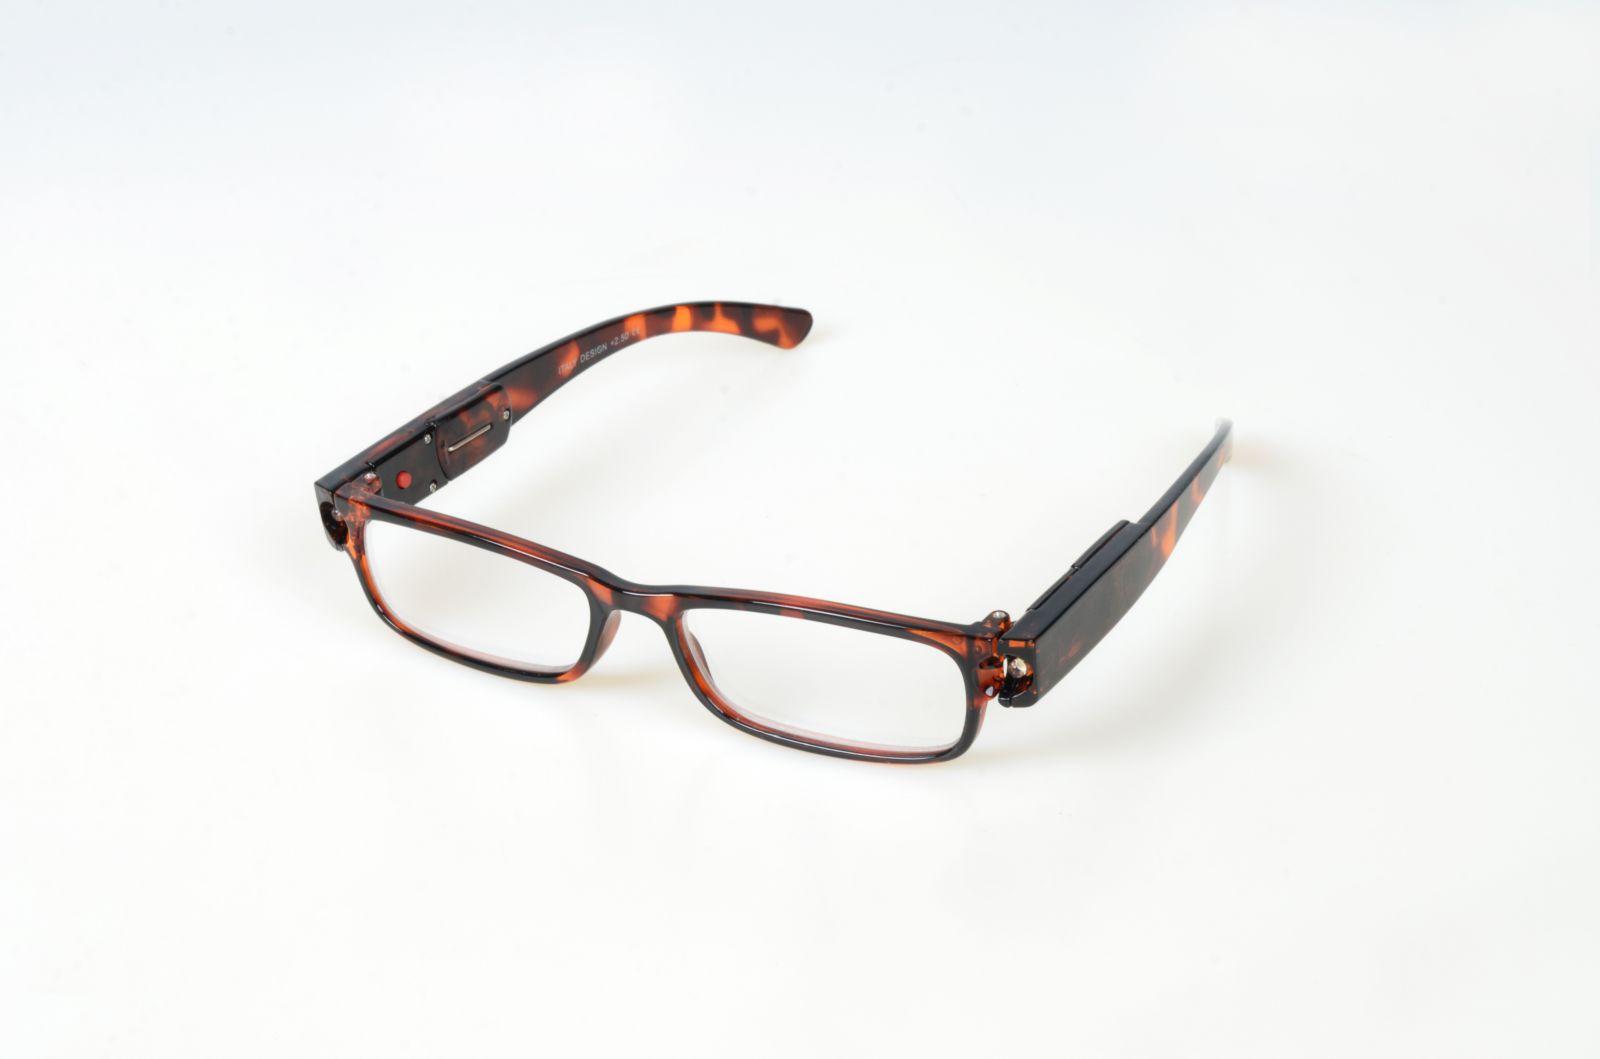 Dioptrické brýle se světýlkama +2,00 hnědé obruby E-batoh